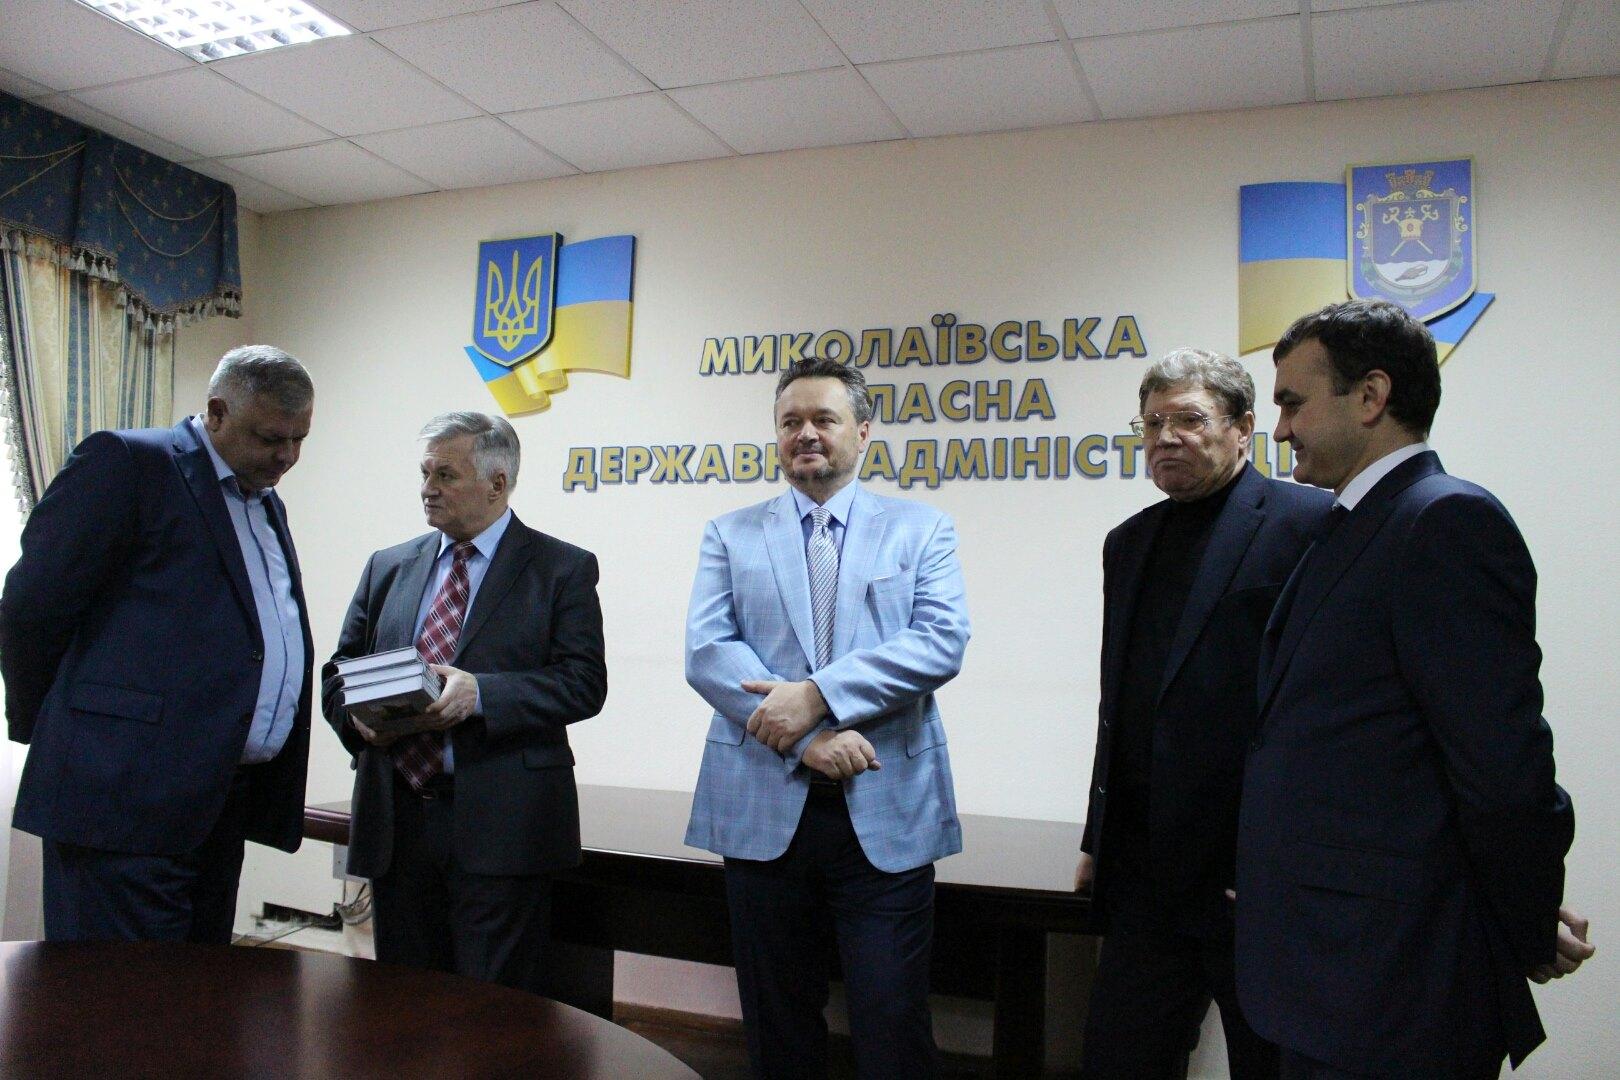 Колишні голови Миколаївської ОДА обінялися подарунком з Савченком